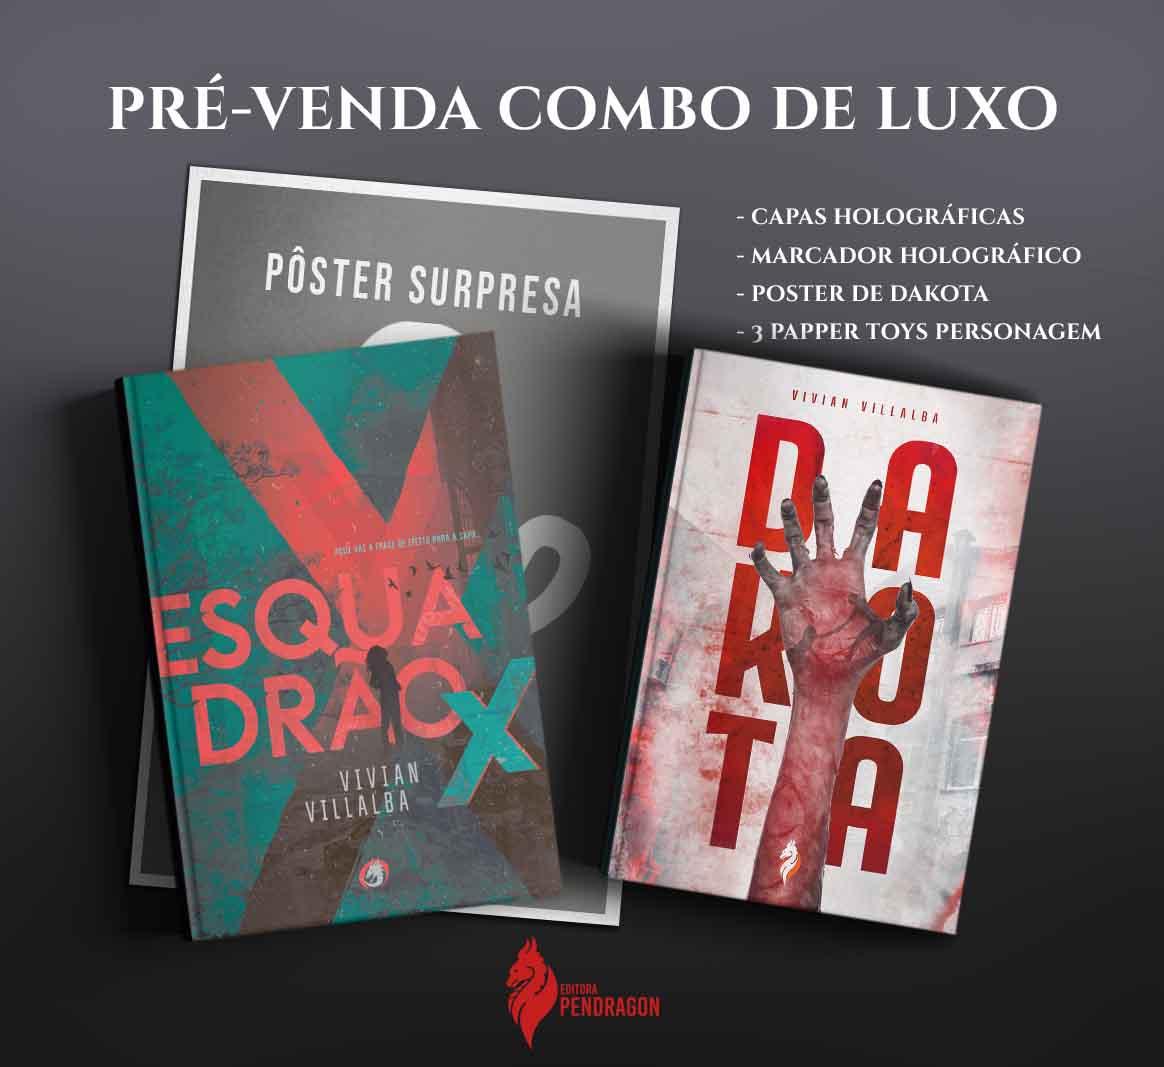 *** PRÉ-VENDA *** DO COMBO DE LUXO VILLALBA